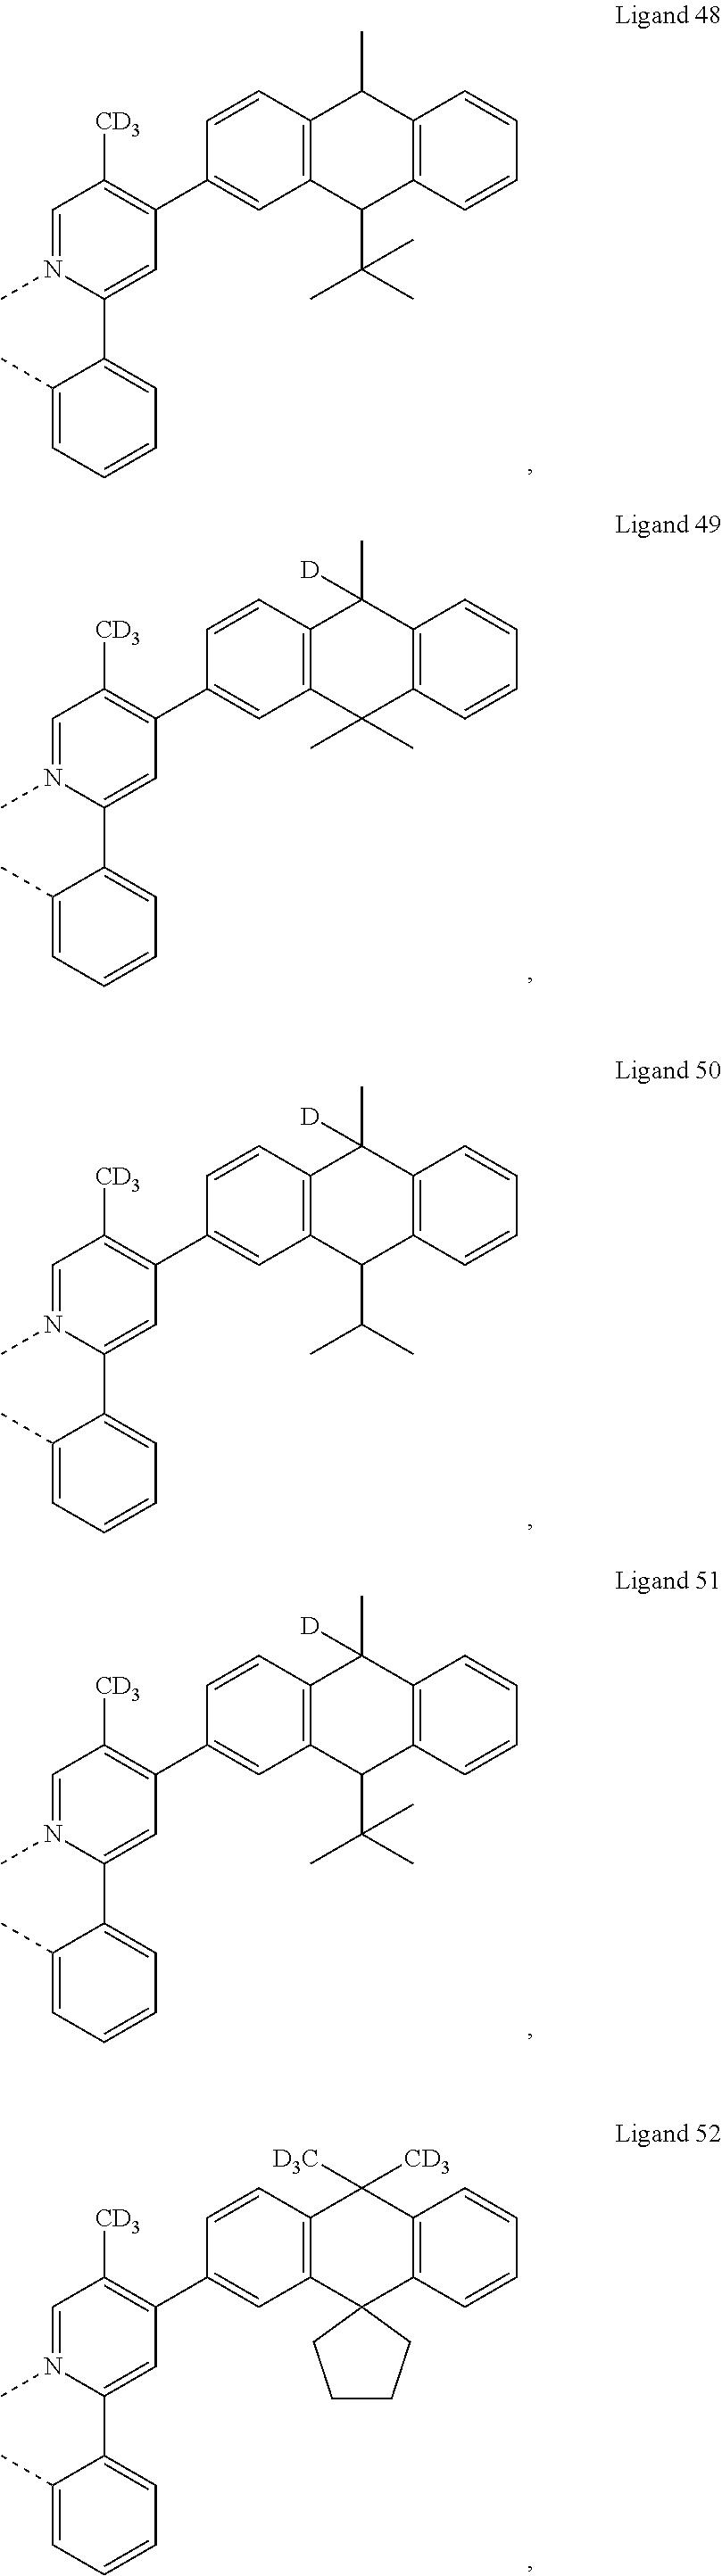 Figure US20180130962A1-20180510-C00238